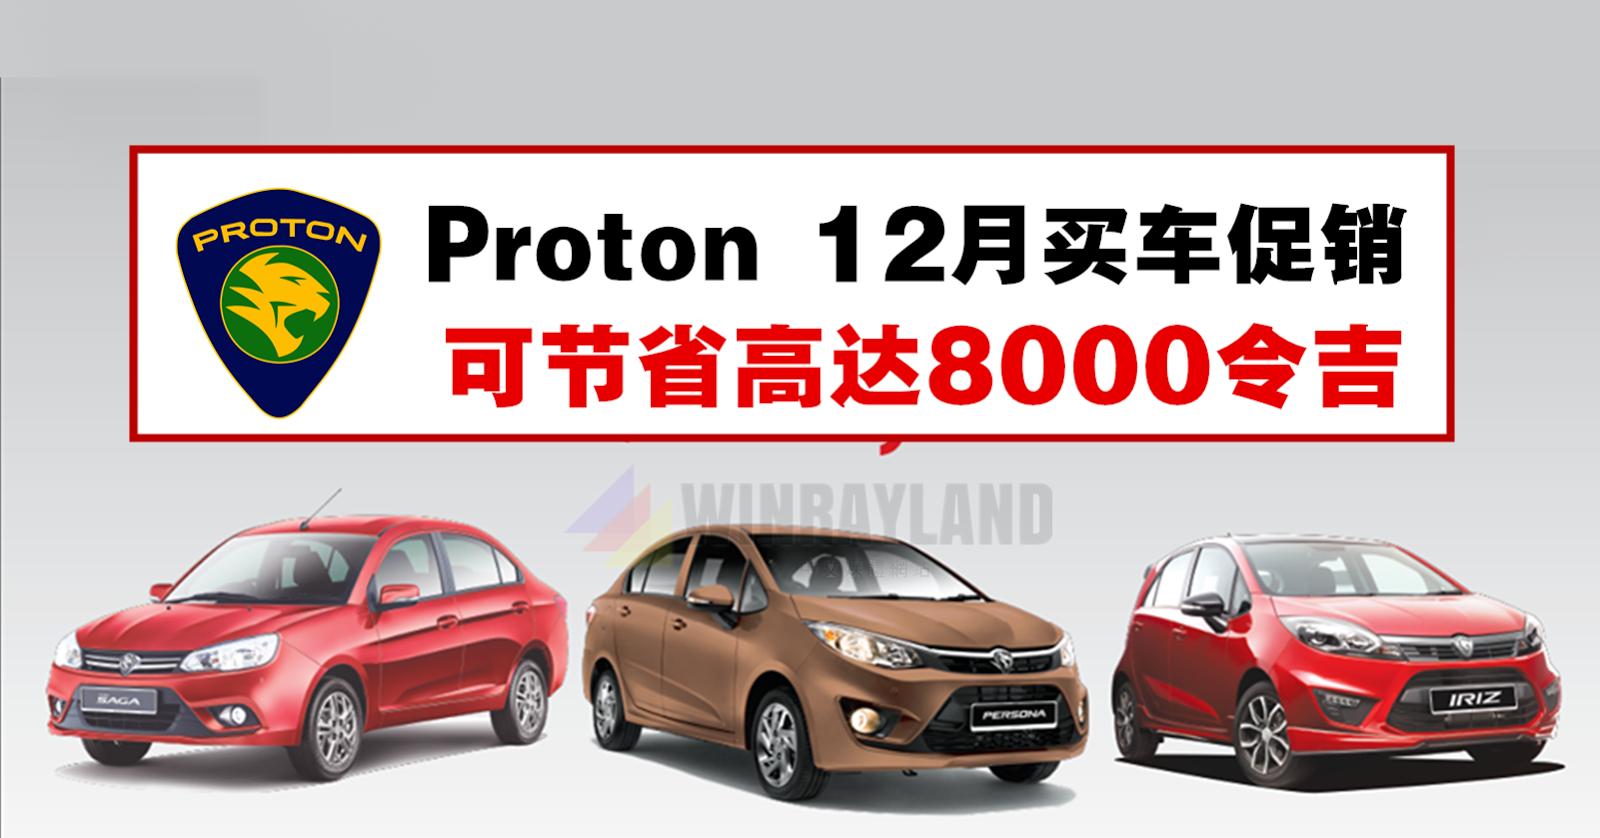 Proton 12月买车促销,可节省高达8000令吉